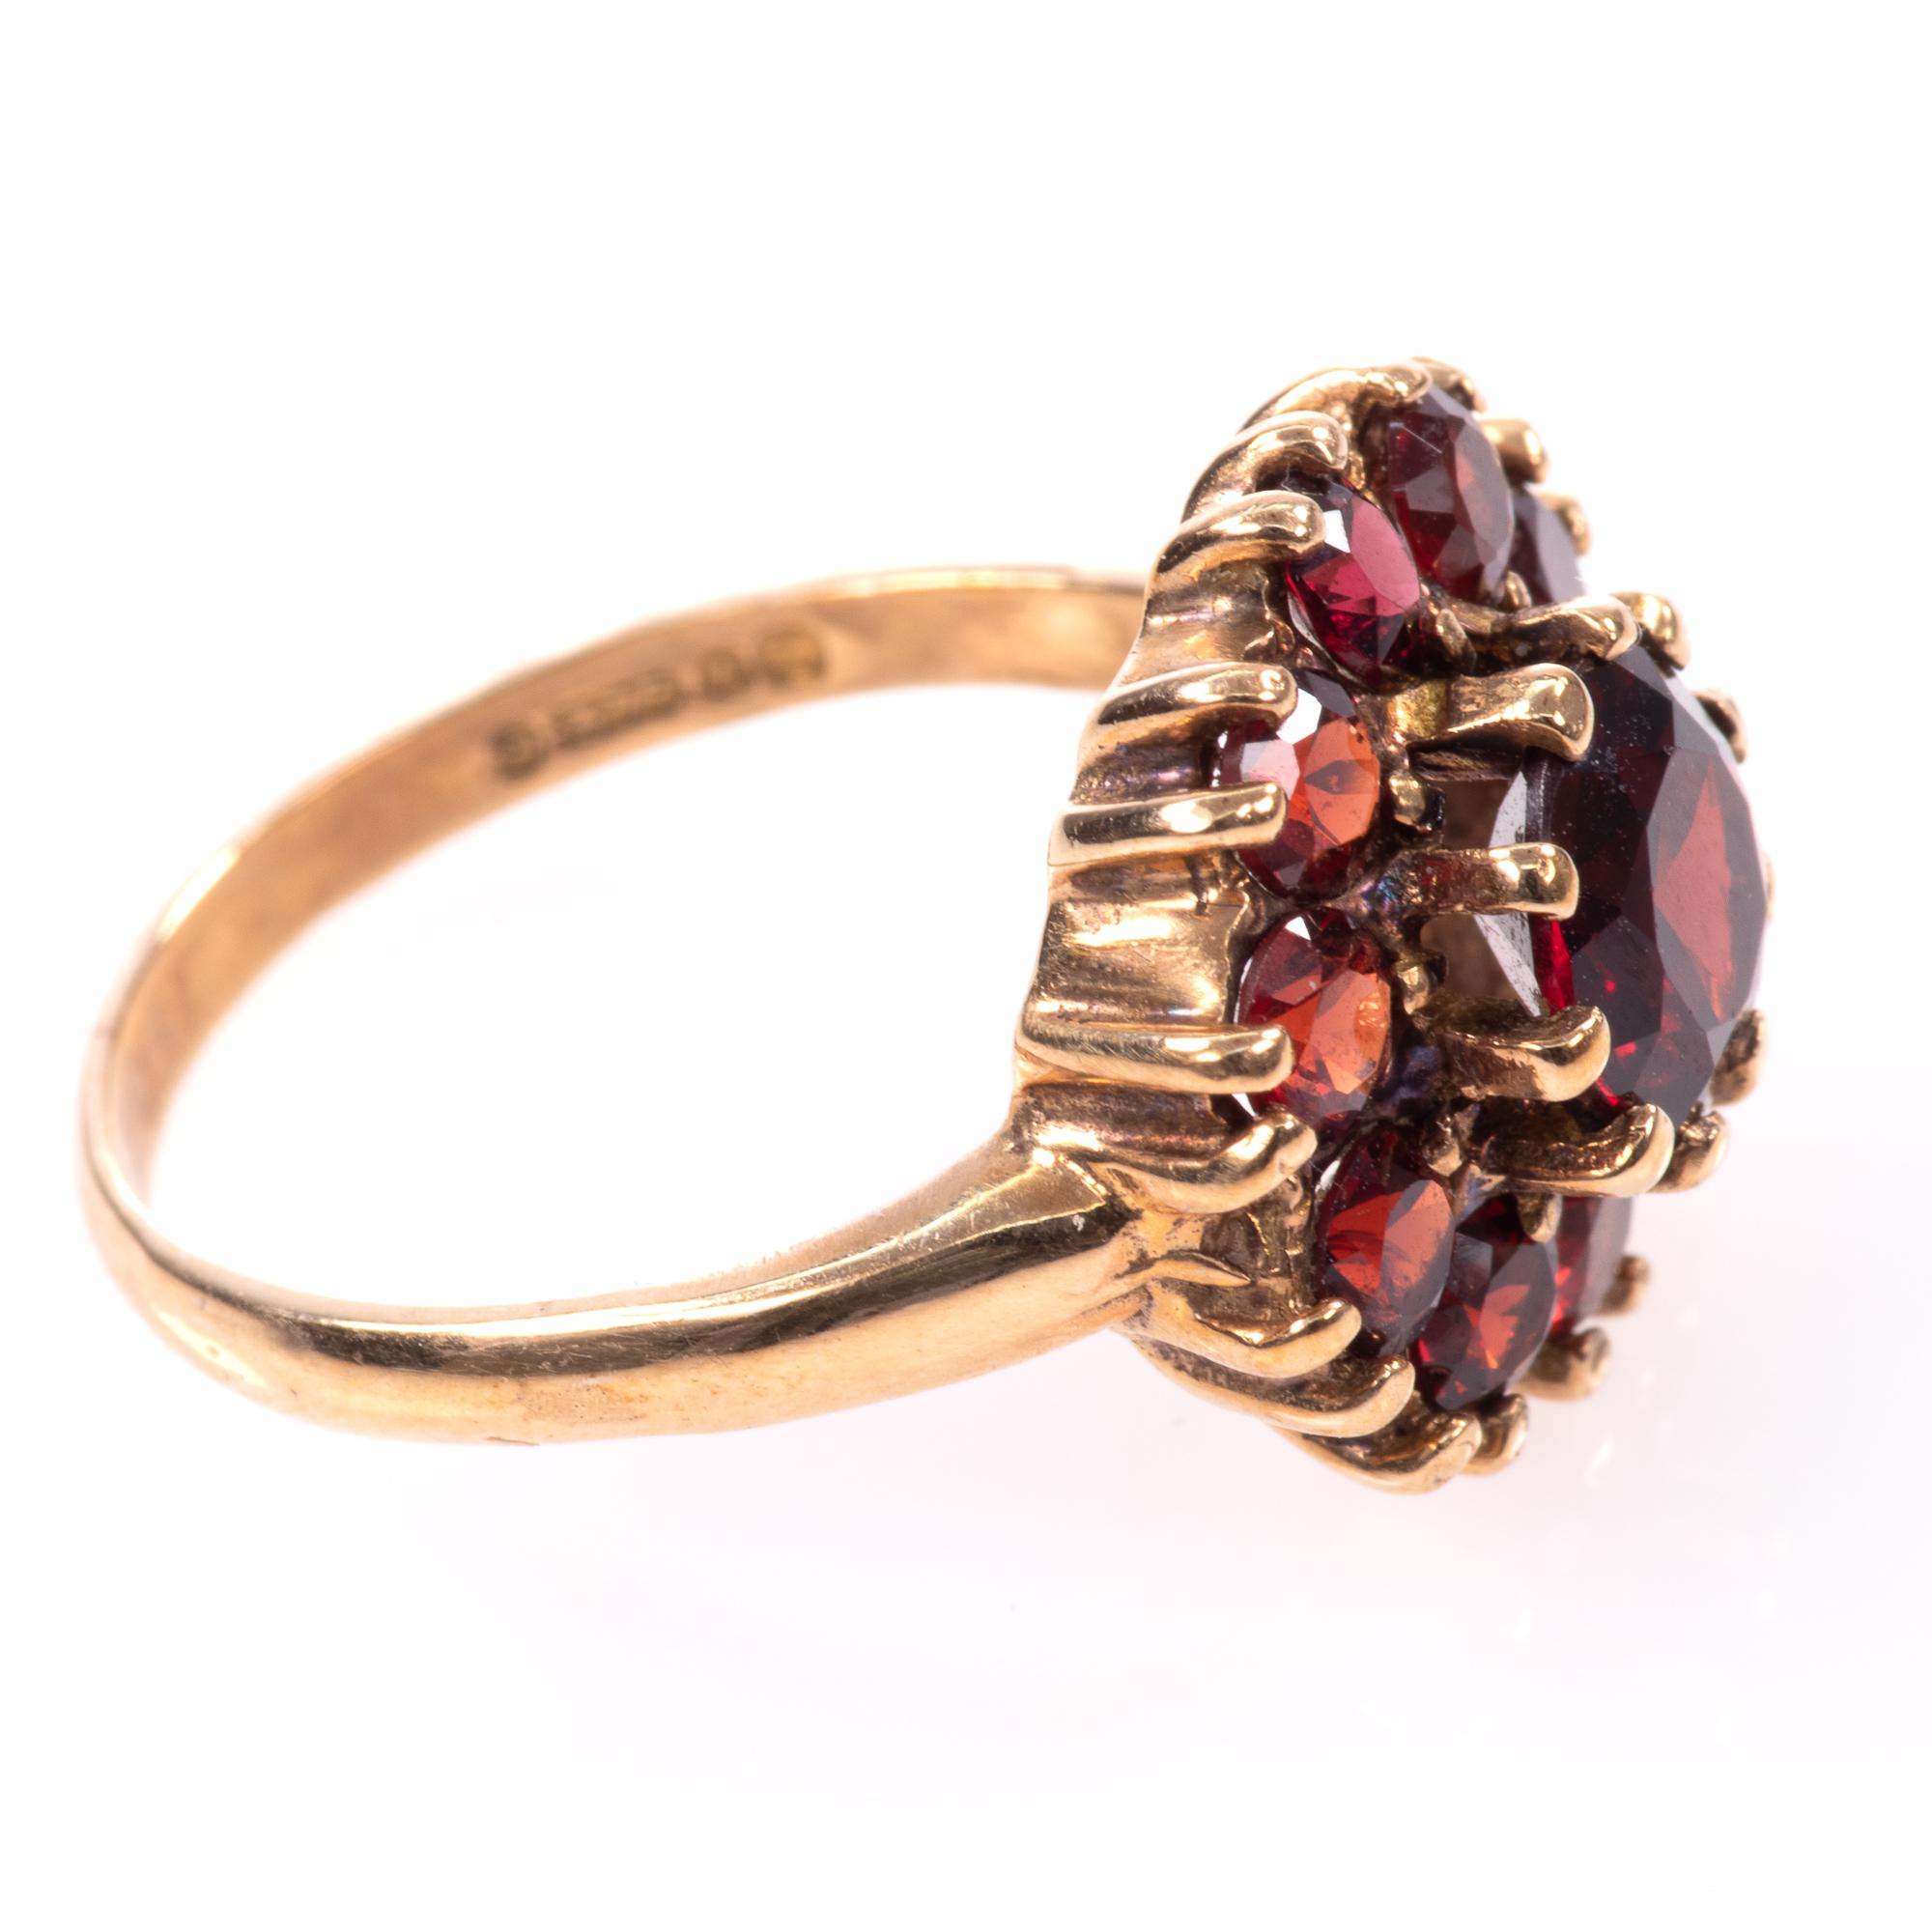 9ct Gold Garnet Ring London 1963 - Image 7 of 8